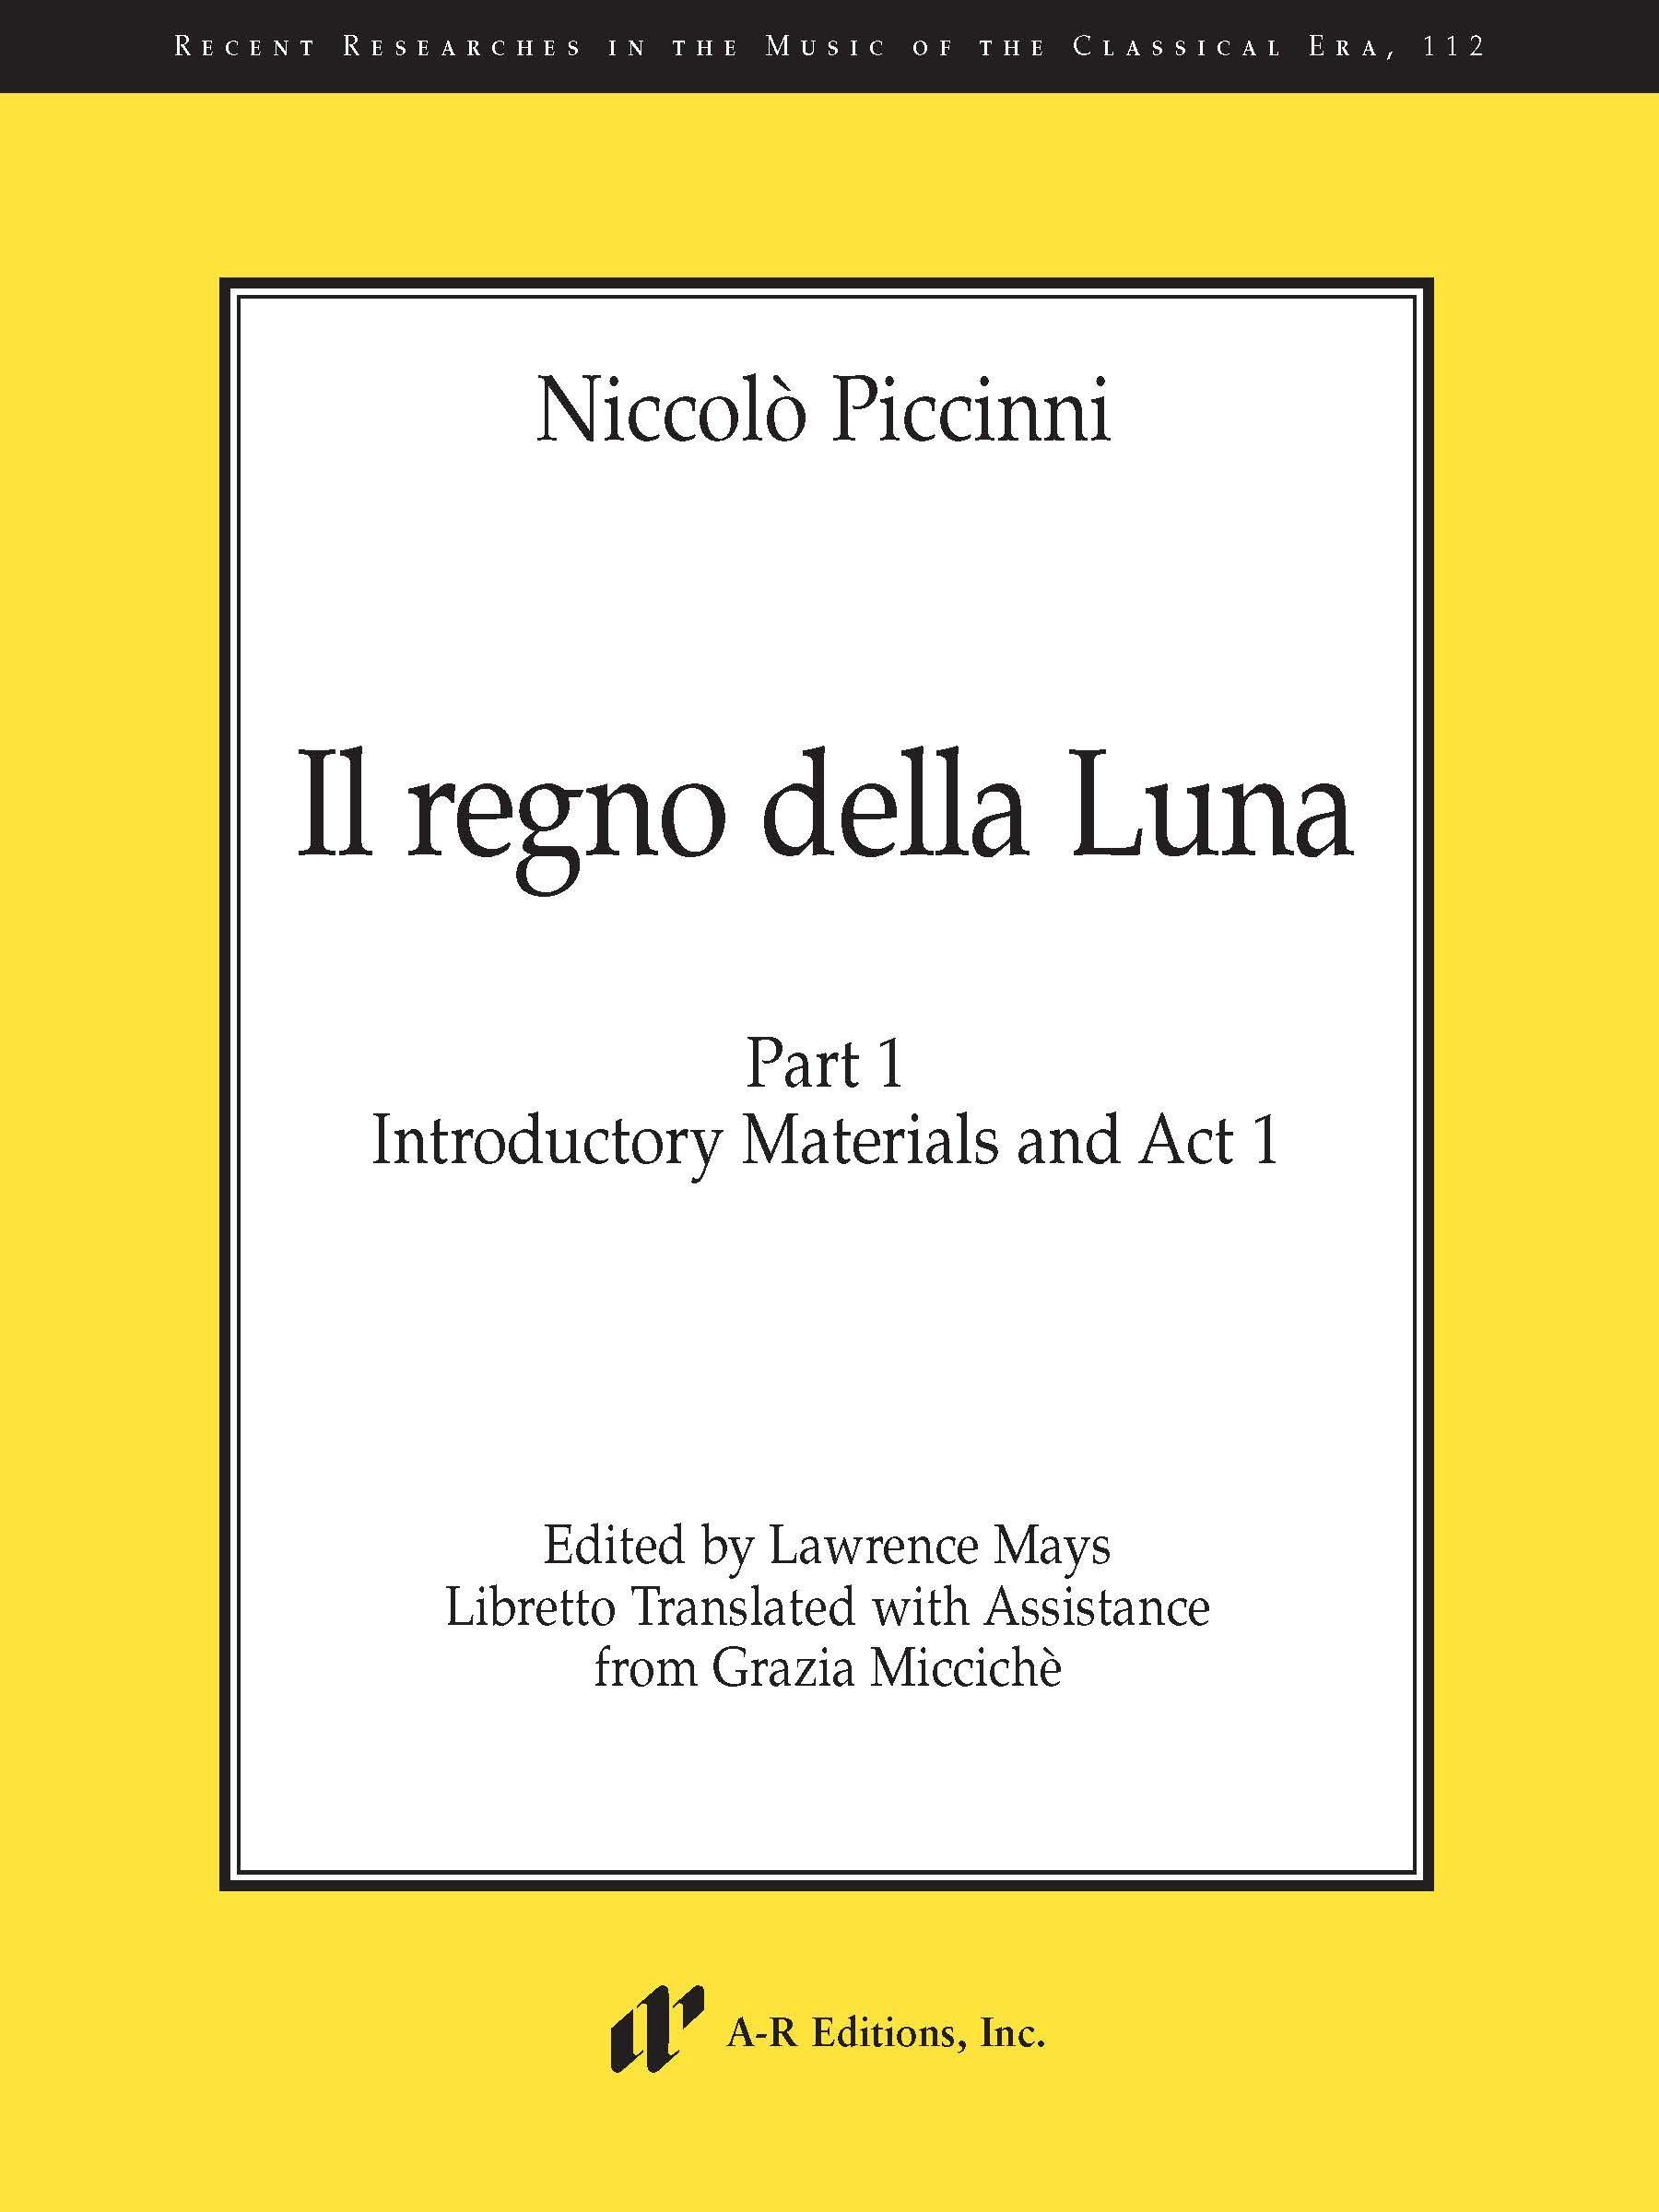 Piccinni: Il regno della Luna, Part 1